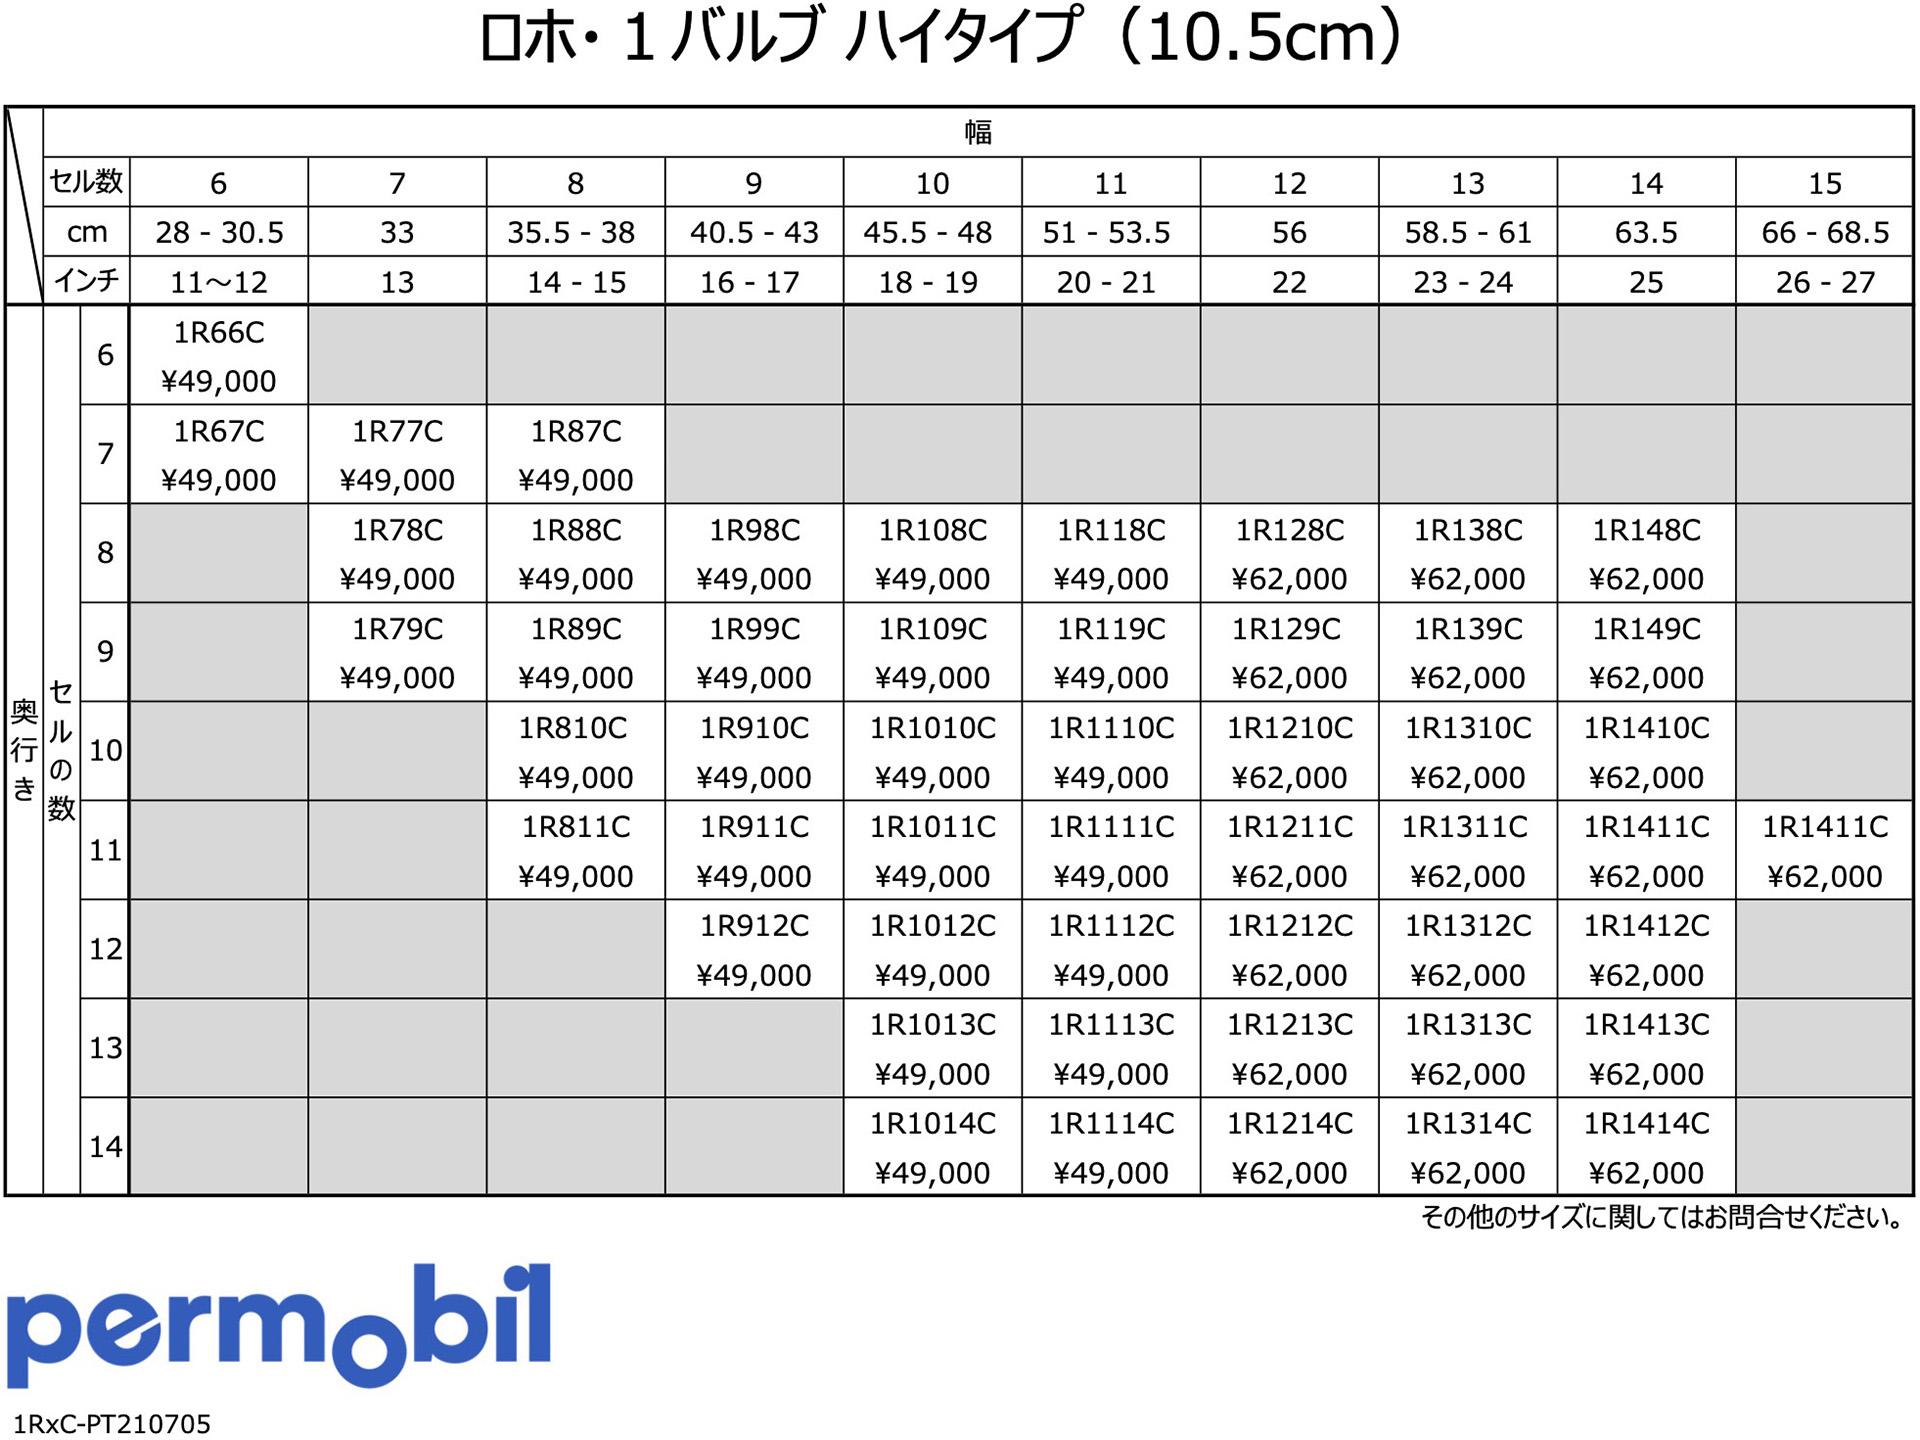 価格早見表 - ロホ・1バルブ ハイタイプ